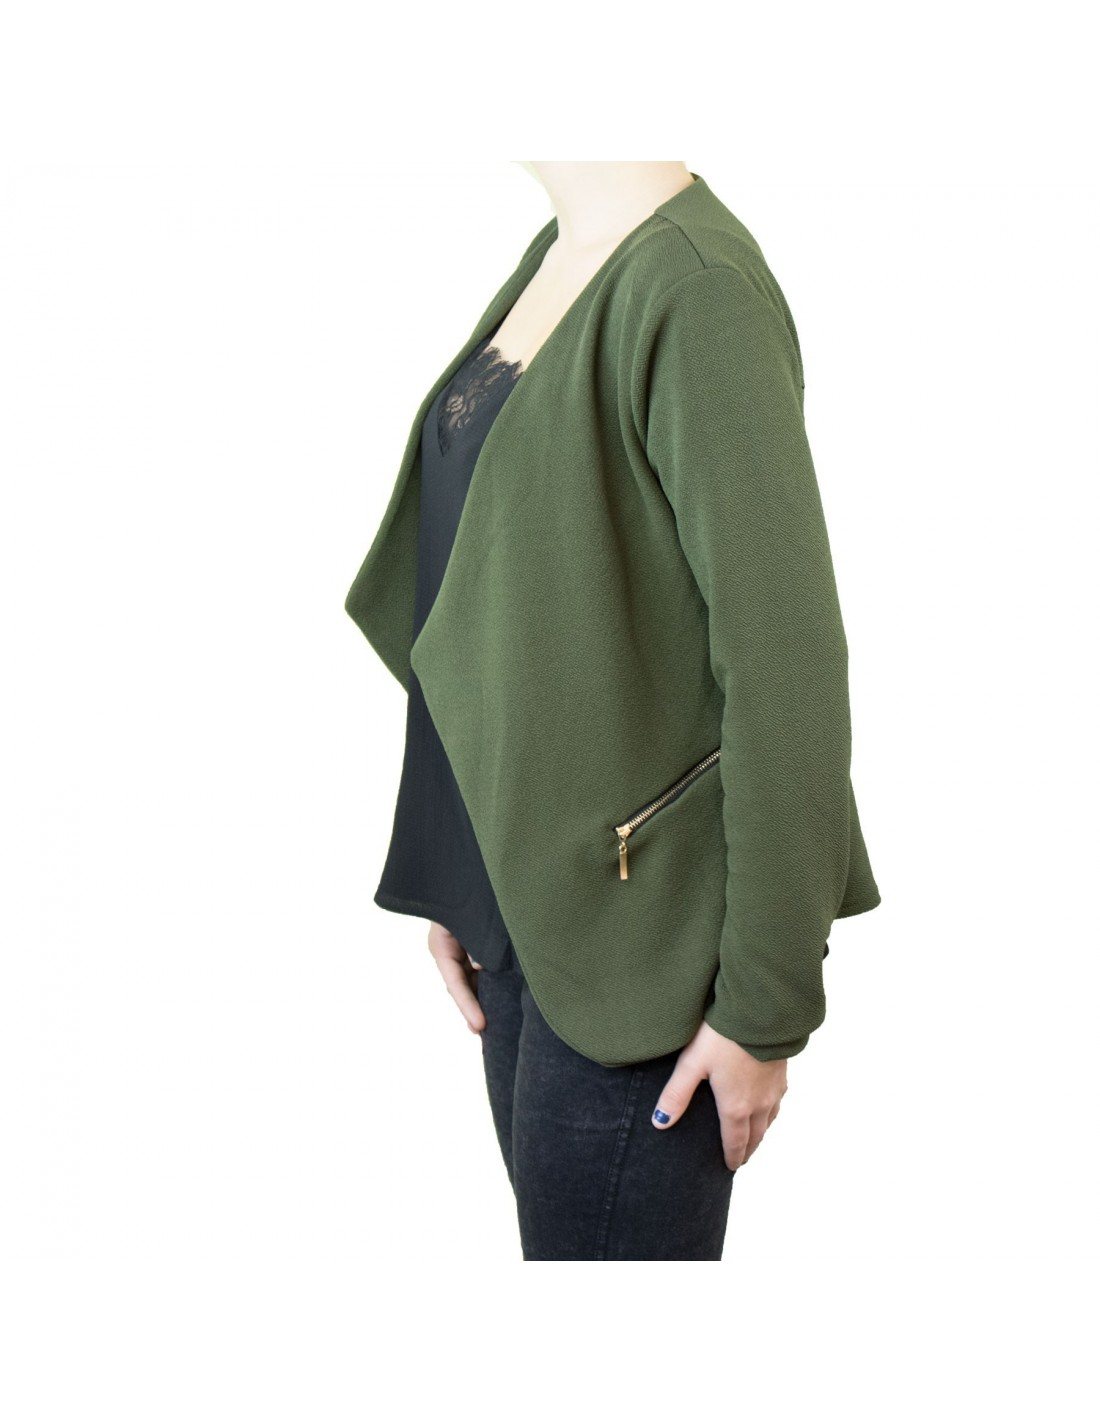 veste blazer femme kaki effet gilet l ger poches zip dor. Black Bedroom Furniture Sets. Home Design Ideas